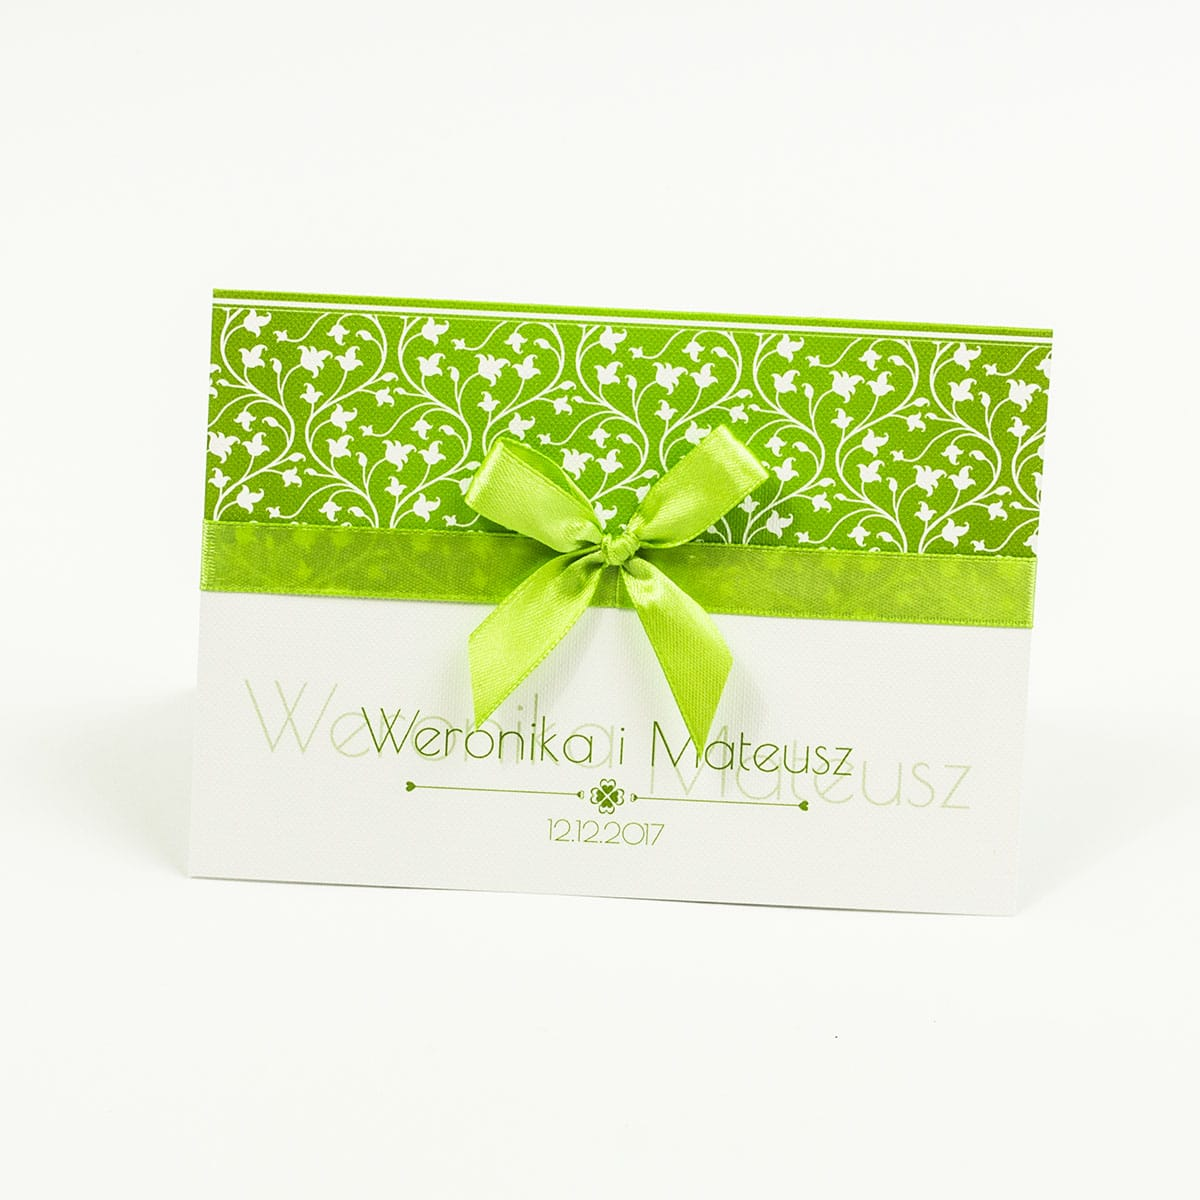 Zaproszenia z zielono-białym motywem roślinnym, satynową wstążką oraz kokardką. ZAP-17-05